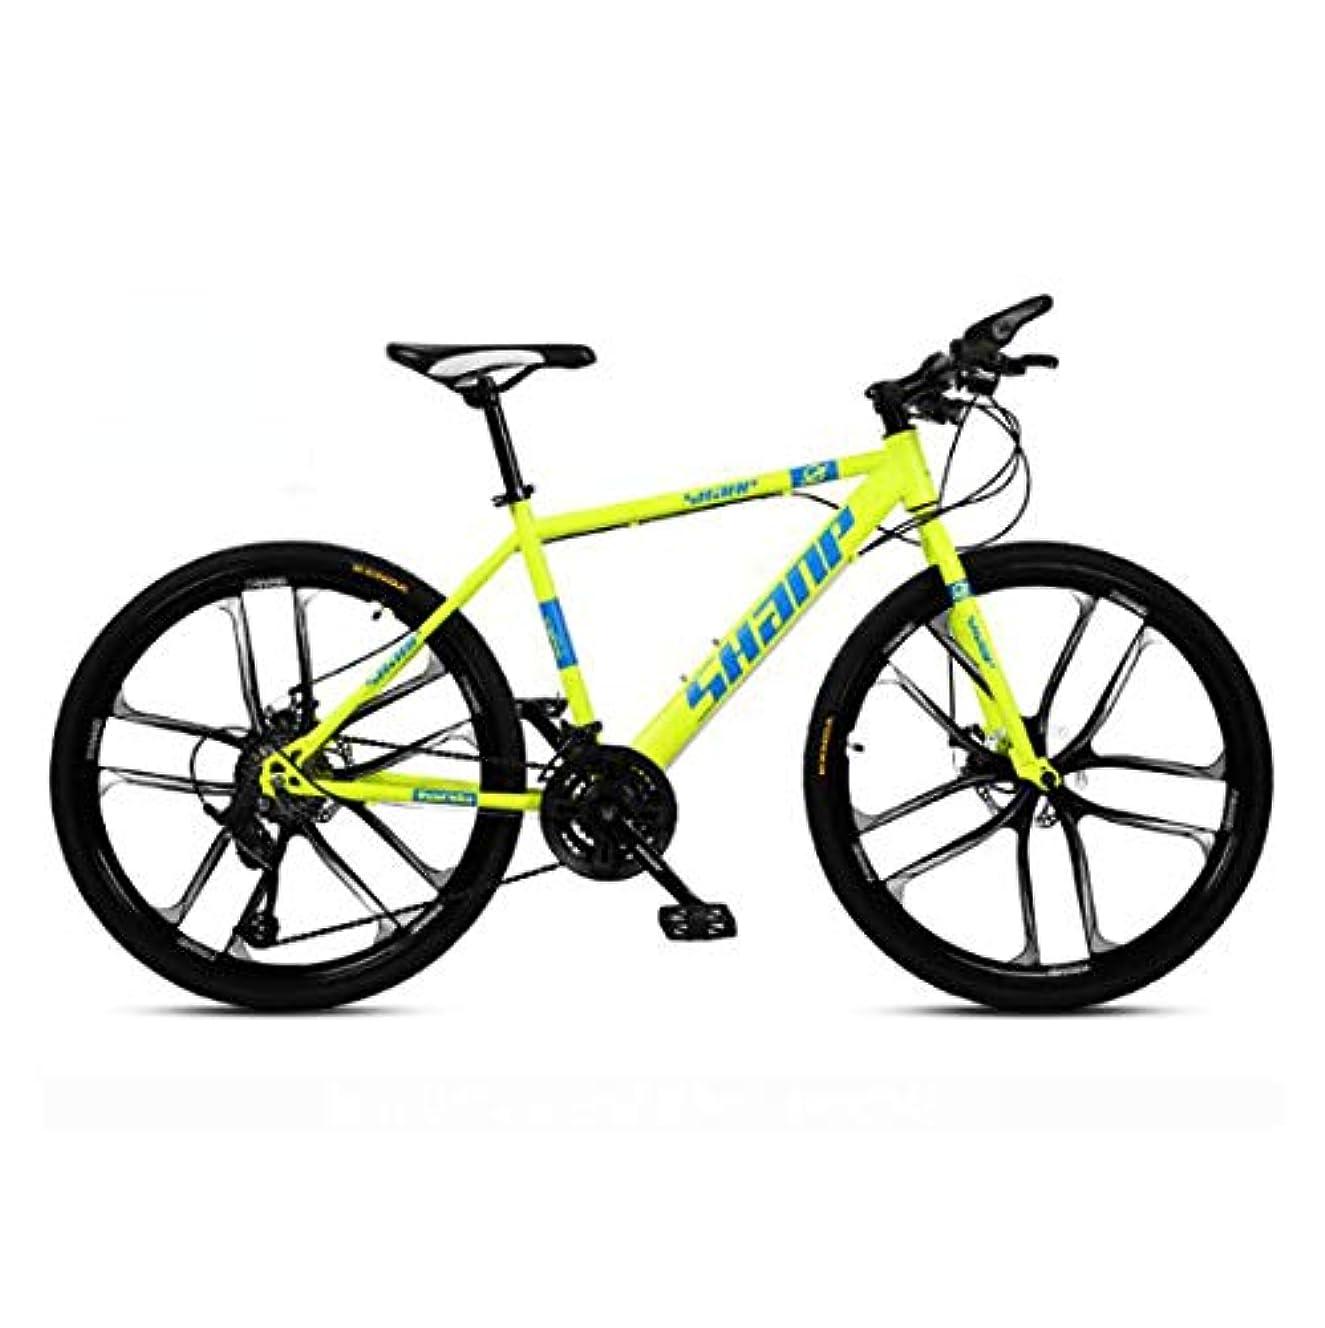 香り清めるこんにちは61.5インチのマウンテンバイク21スピード/ 24速度/ 27速度/ 30スピードマウンテンバイク24インチホイール自転車、ブラック、ホワイト、レッド、イエロー、グリーン,E3,24